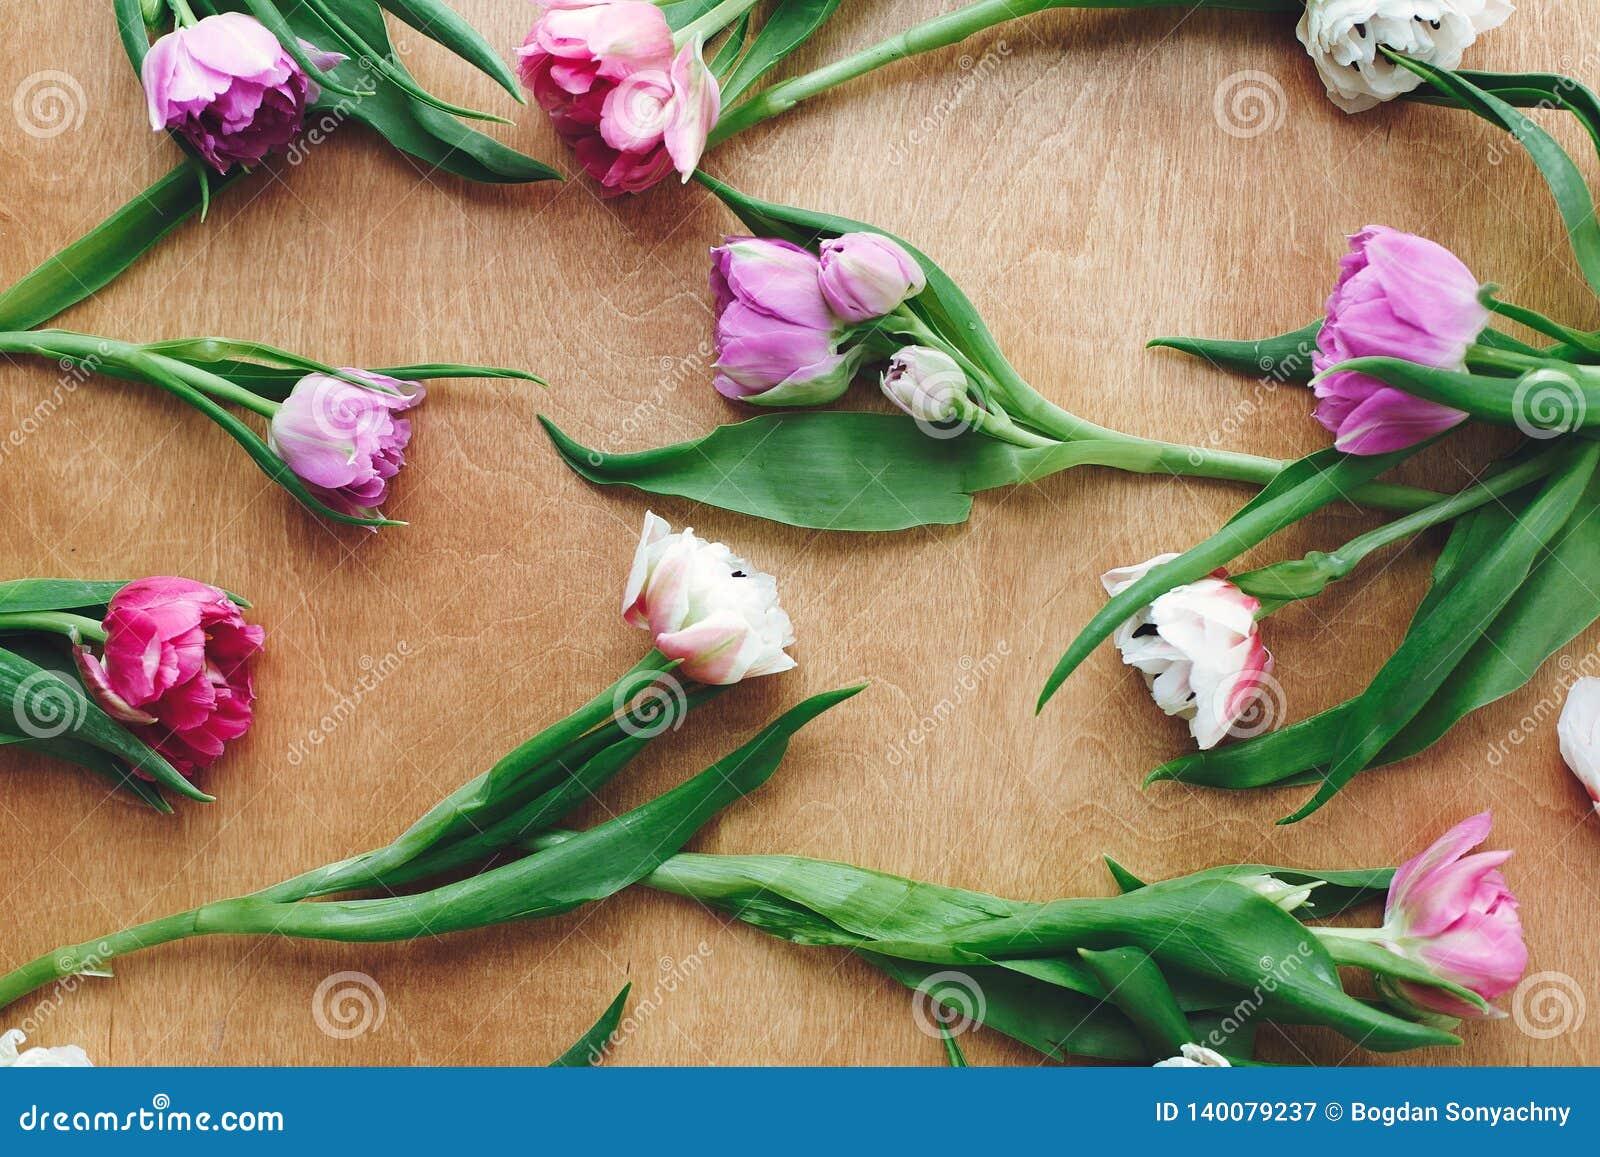 Красивые двойные тюльпаны пиона плоско кладут на деревянный стол Красочный пинк и пурпурные тюльпаны, стильный цветочный узор мат